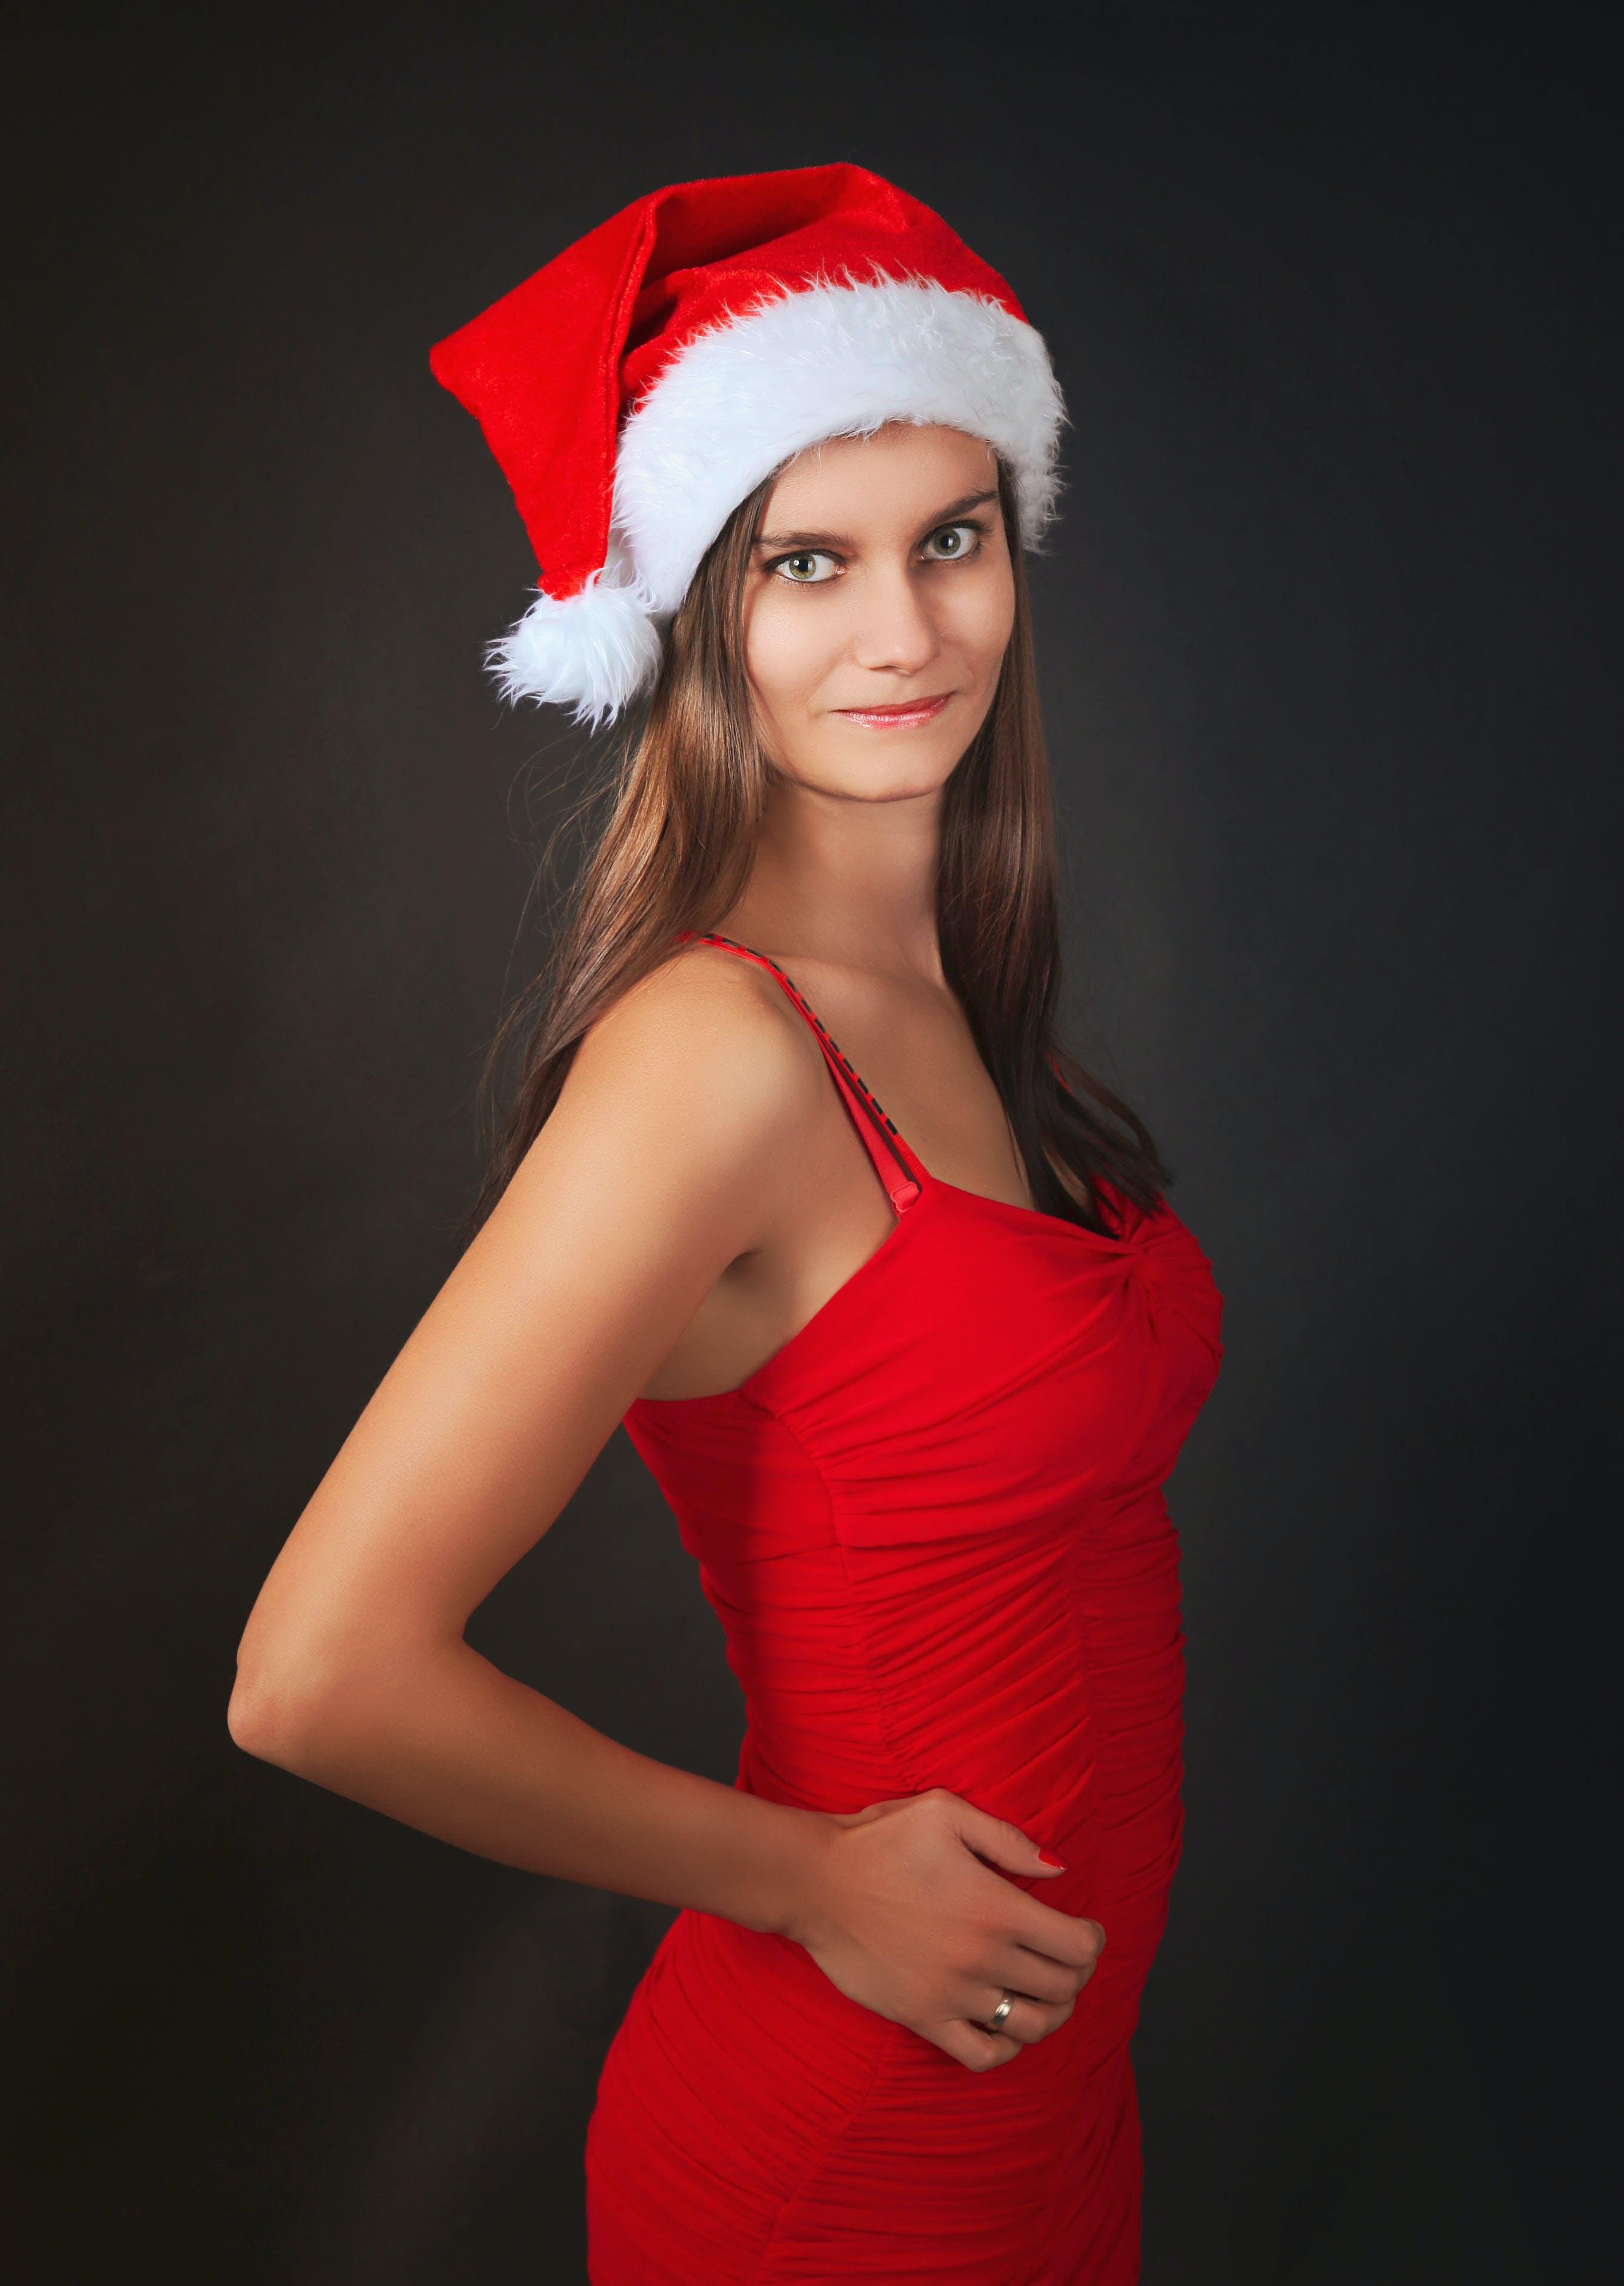 산타 모자, 산타 소녀, 여성, 여자의 무료 스톡 사진